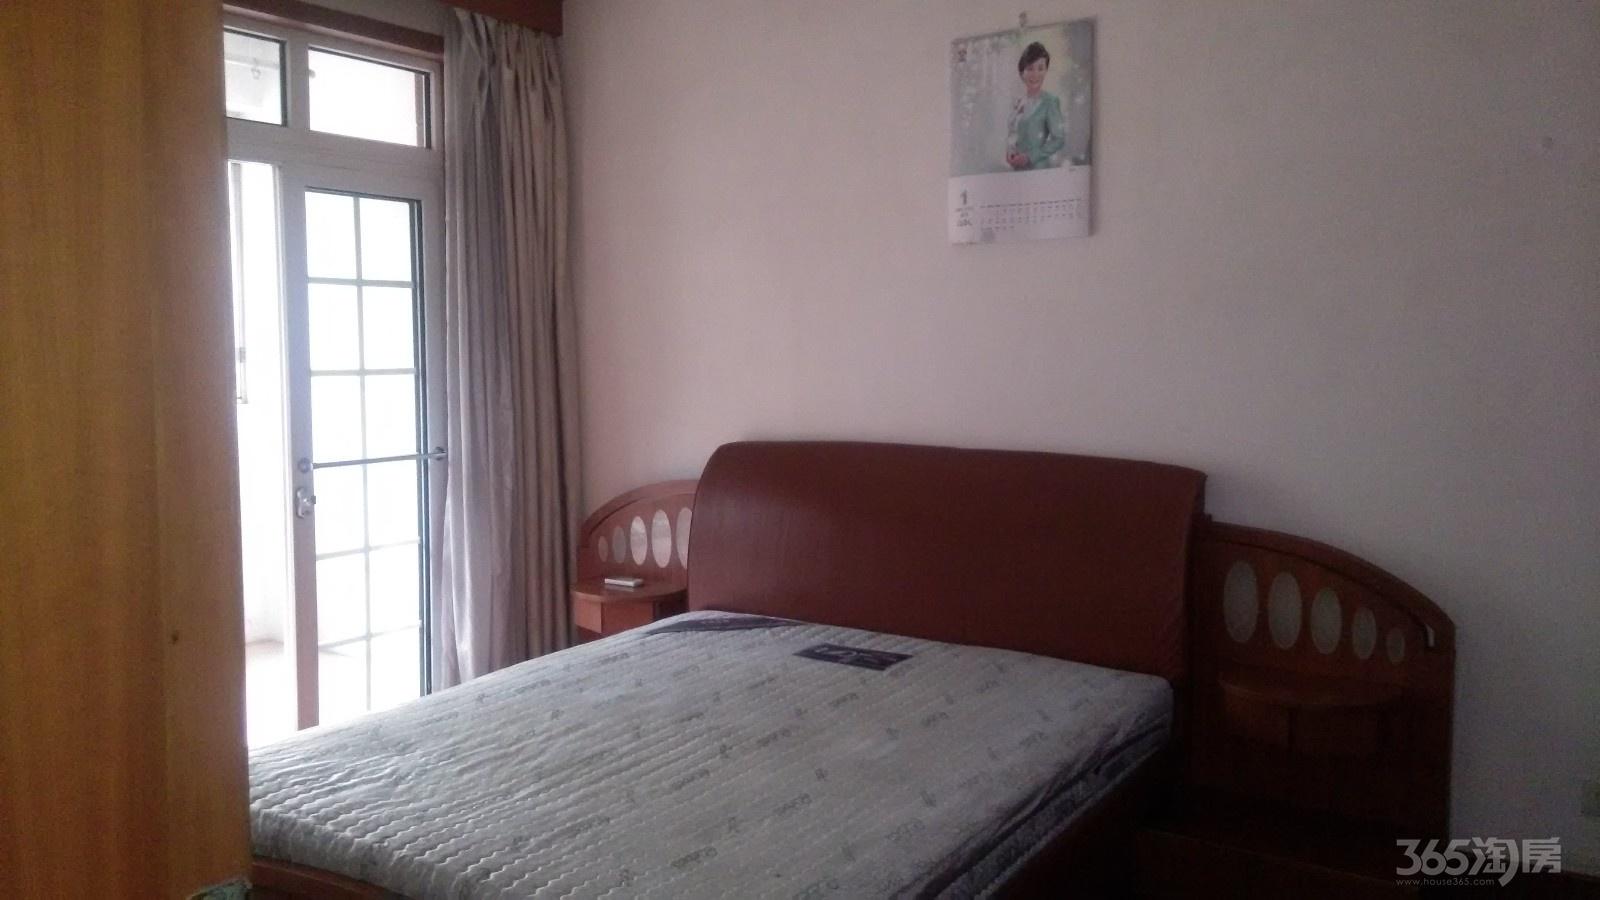 枫丹白露城市花园3室2厅1卫103平方米490万元